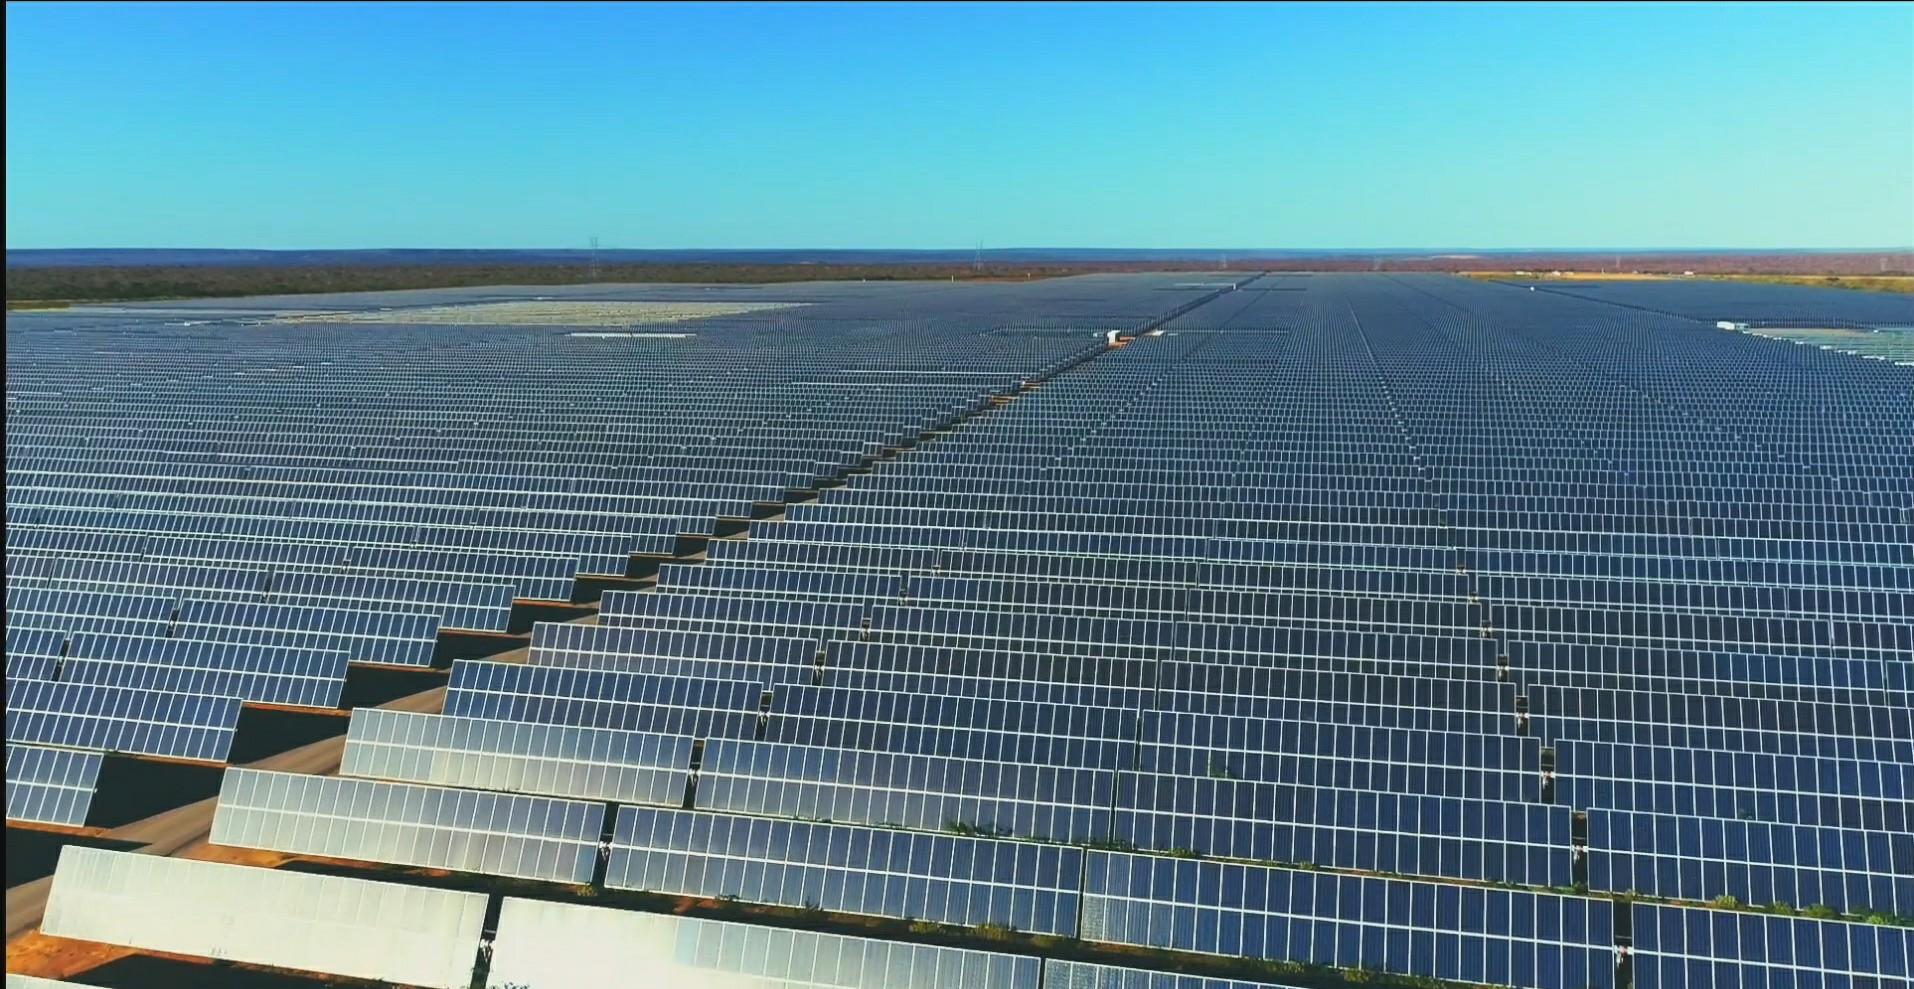 Piauí alcança a liderança na capacidade de produção de energia solar - Foto: Divulgação